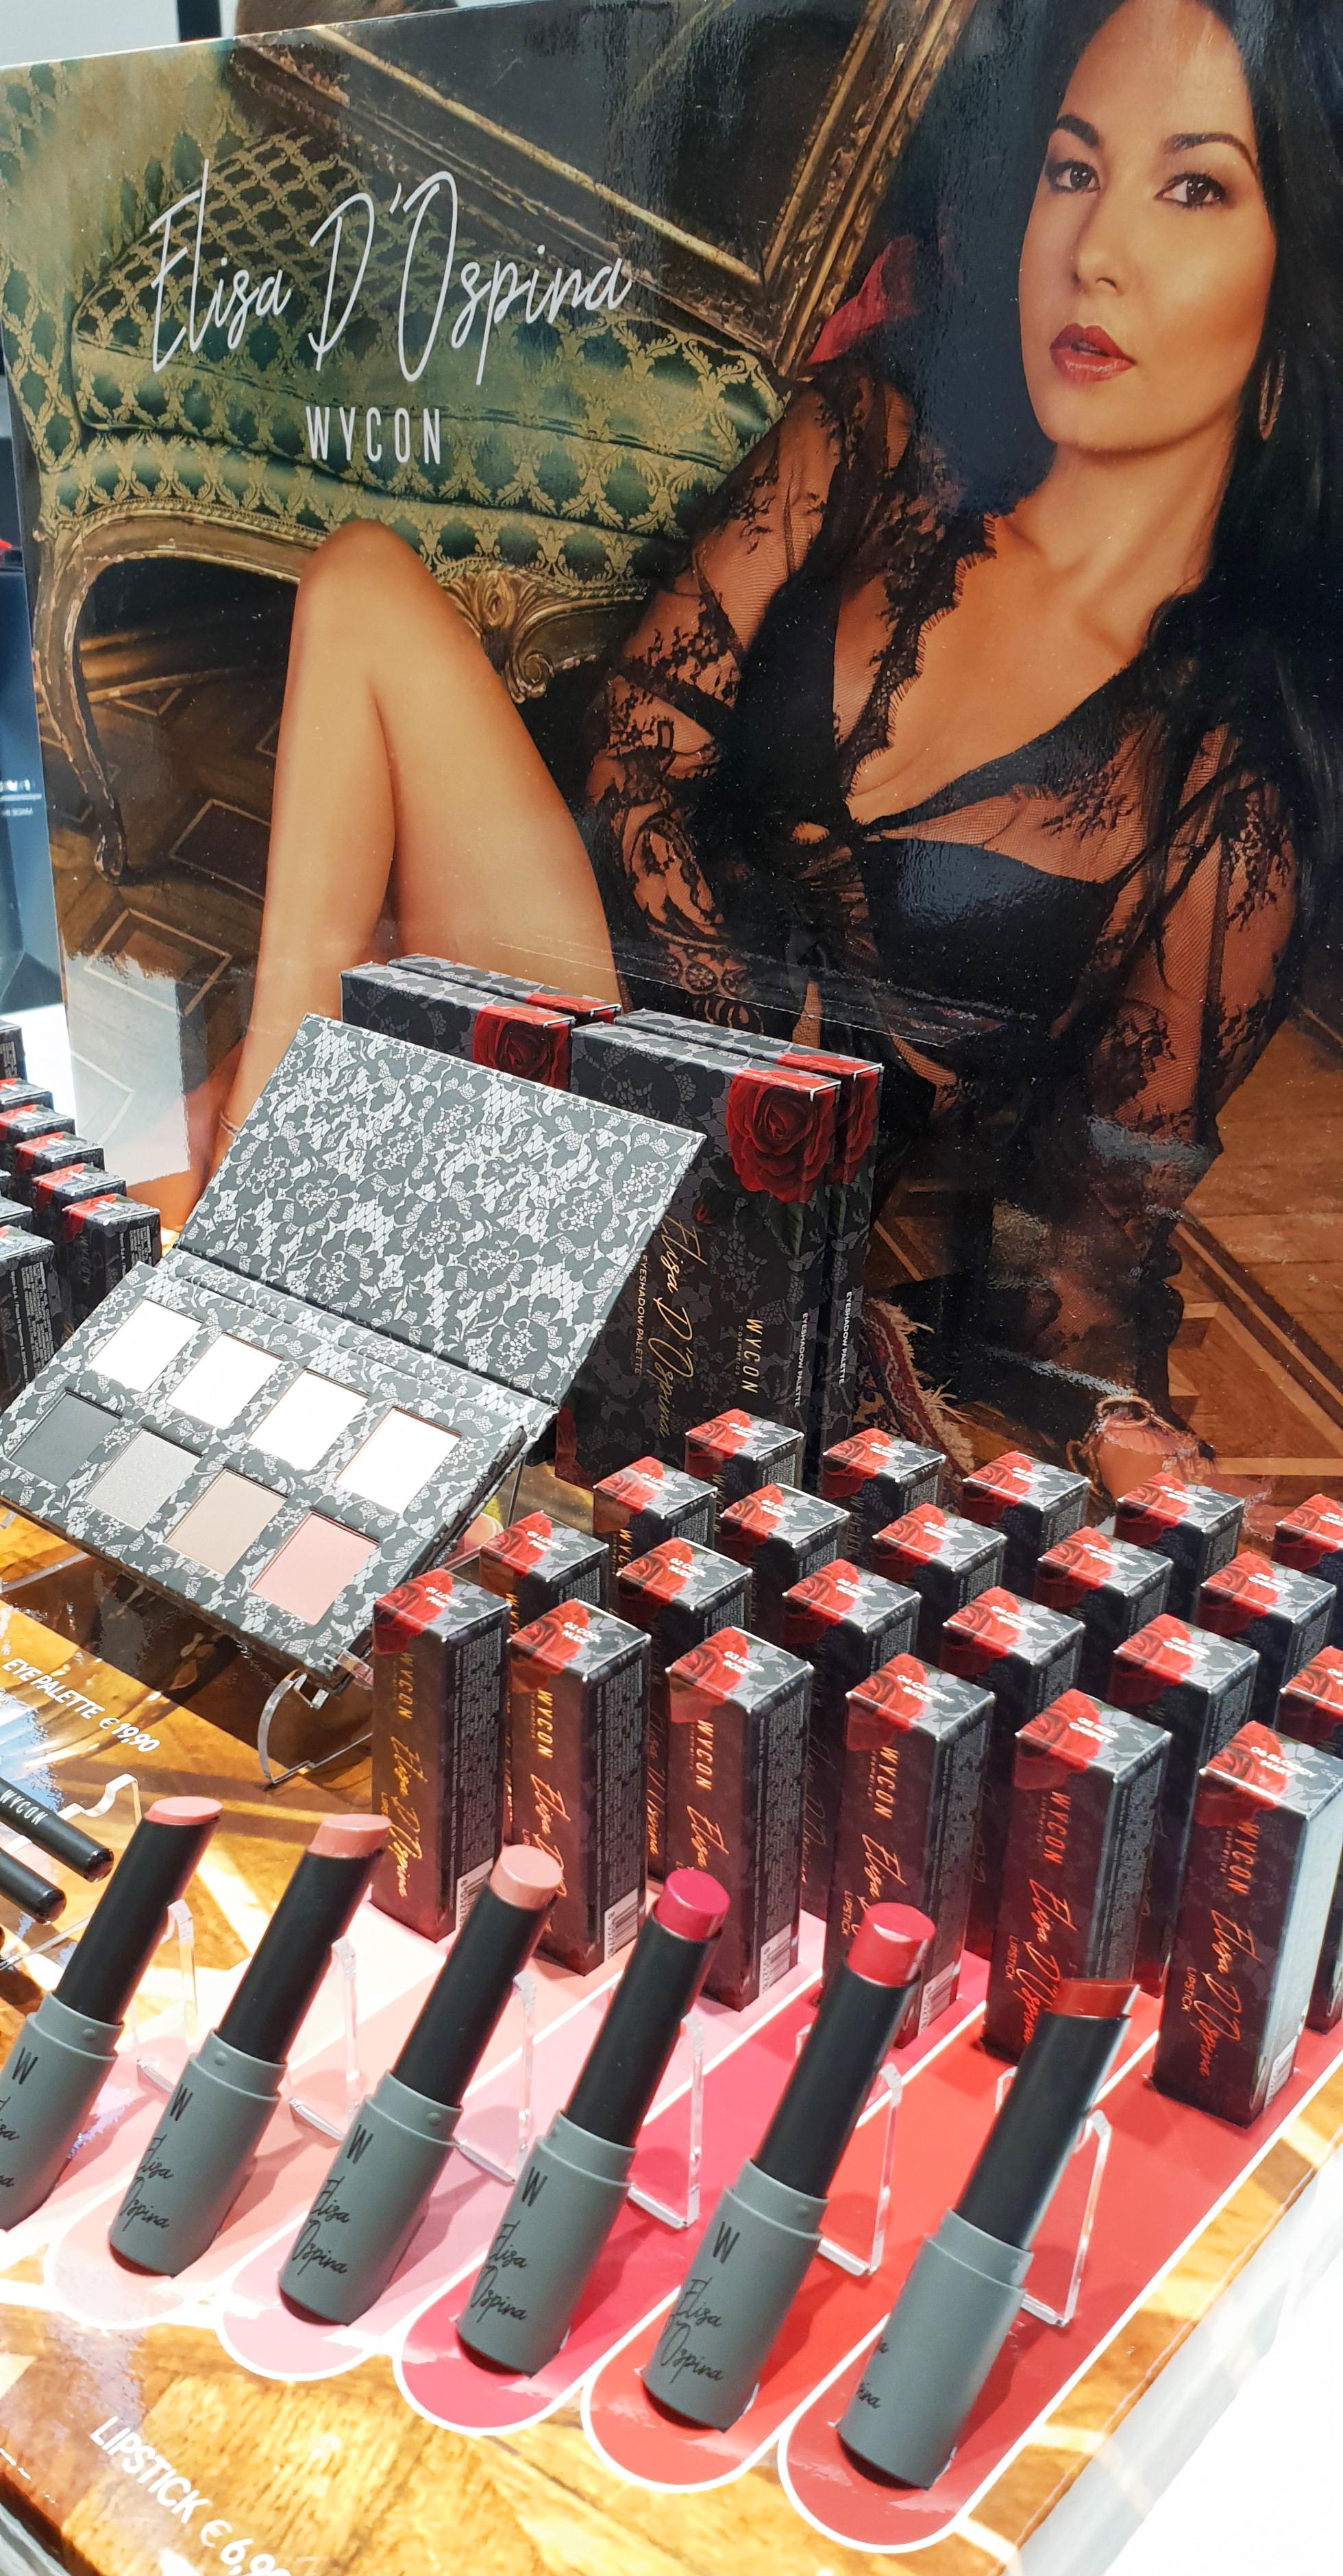 Wycon Cosmetics presenta la limited edition Elisa D'Ospina